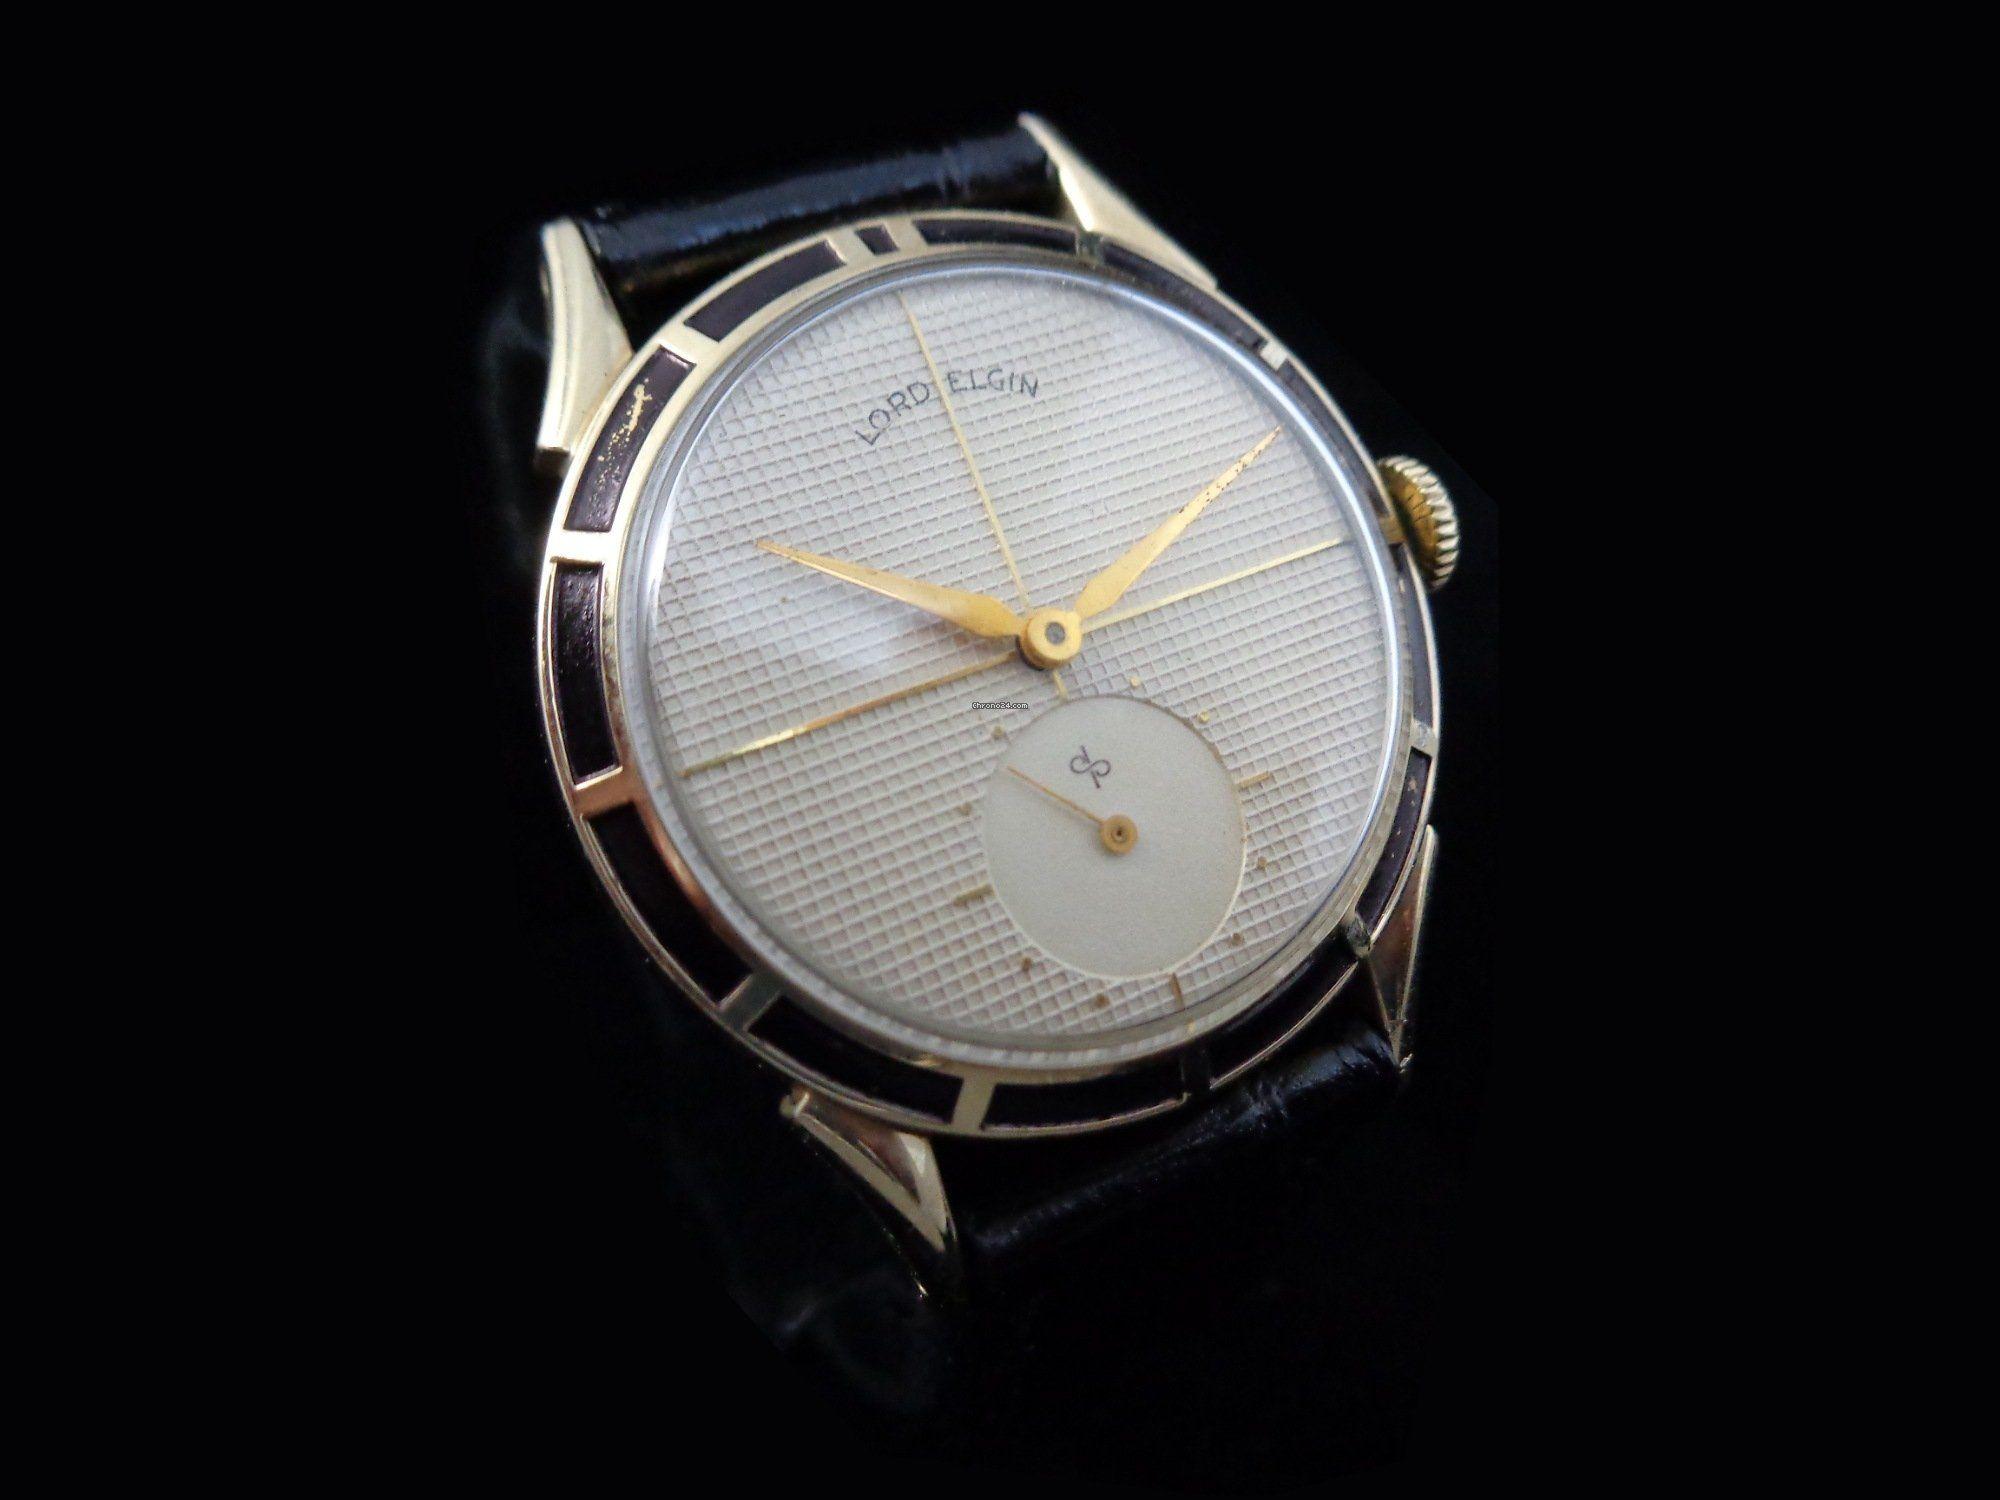 Elgin Honey Comb Dial In 14k Gold Filled From 1950 Serviced Für 223 Kaufen Von Einem Trusted Seller Auf Chrono24 Damenuhren Uhren Uhr